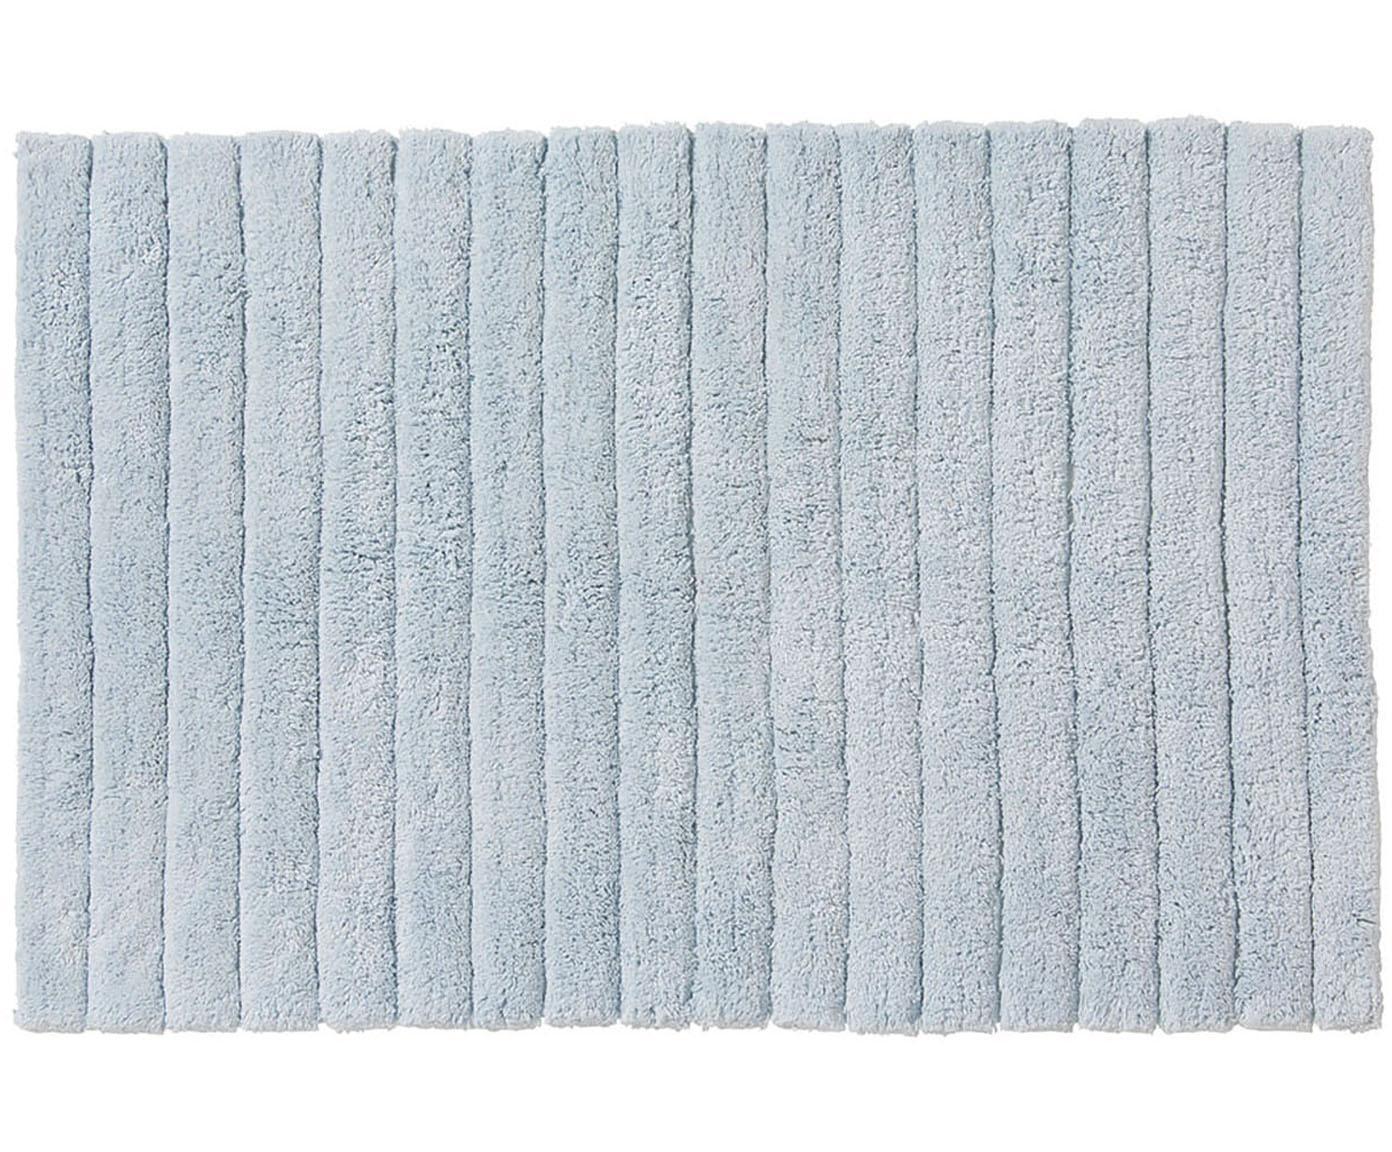 Tappeto bagno morbido Board, Cotone, qualità pesante 1900g/m², Azzurro, Larg. 60 x Lung. 90 cm